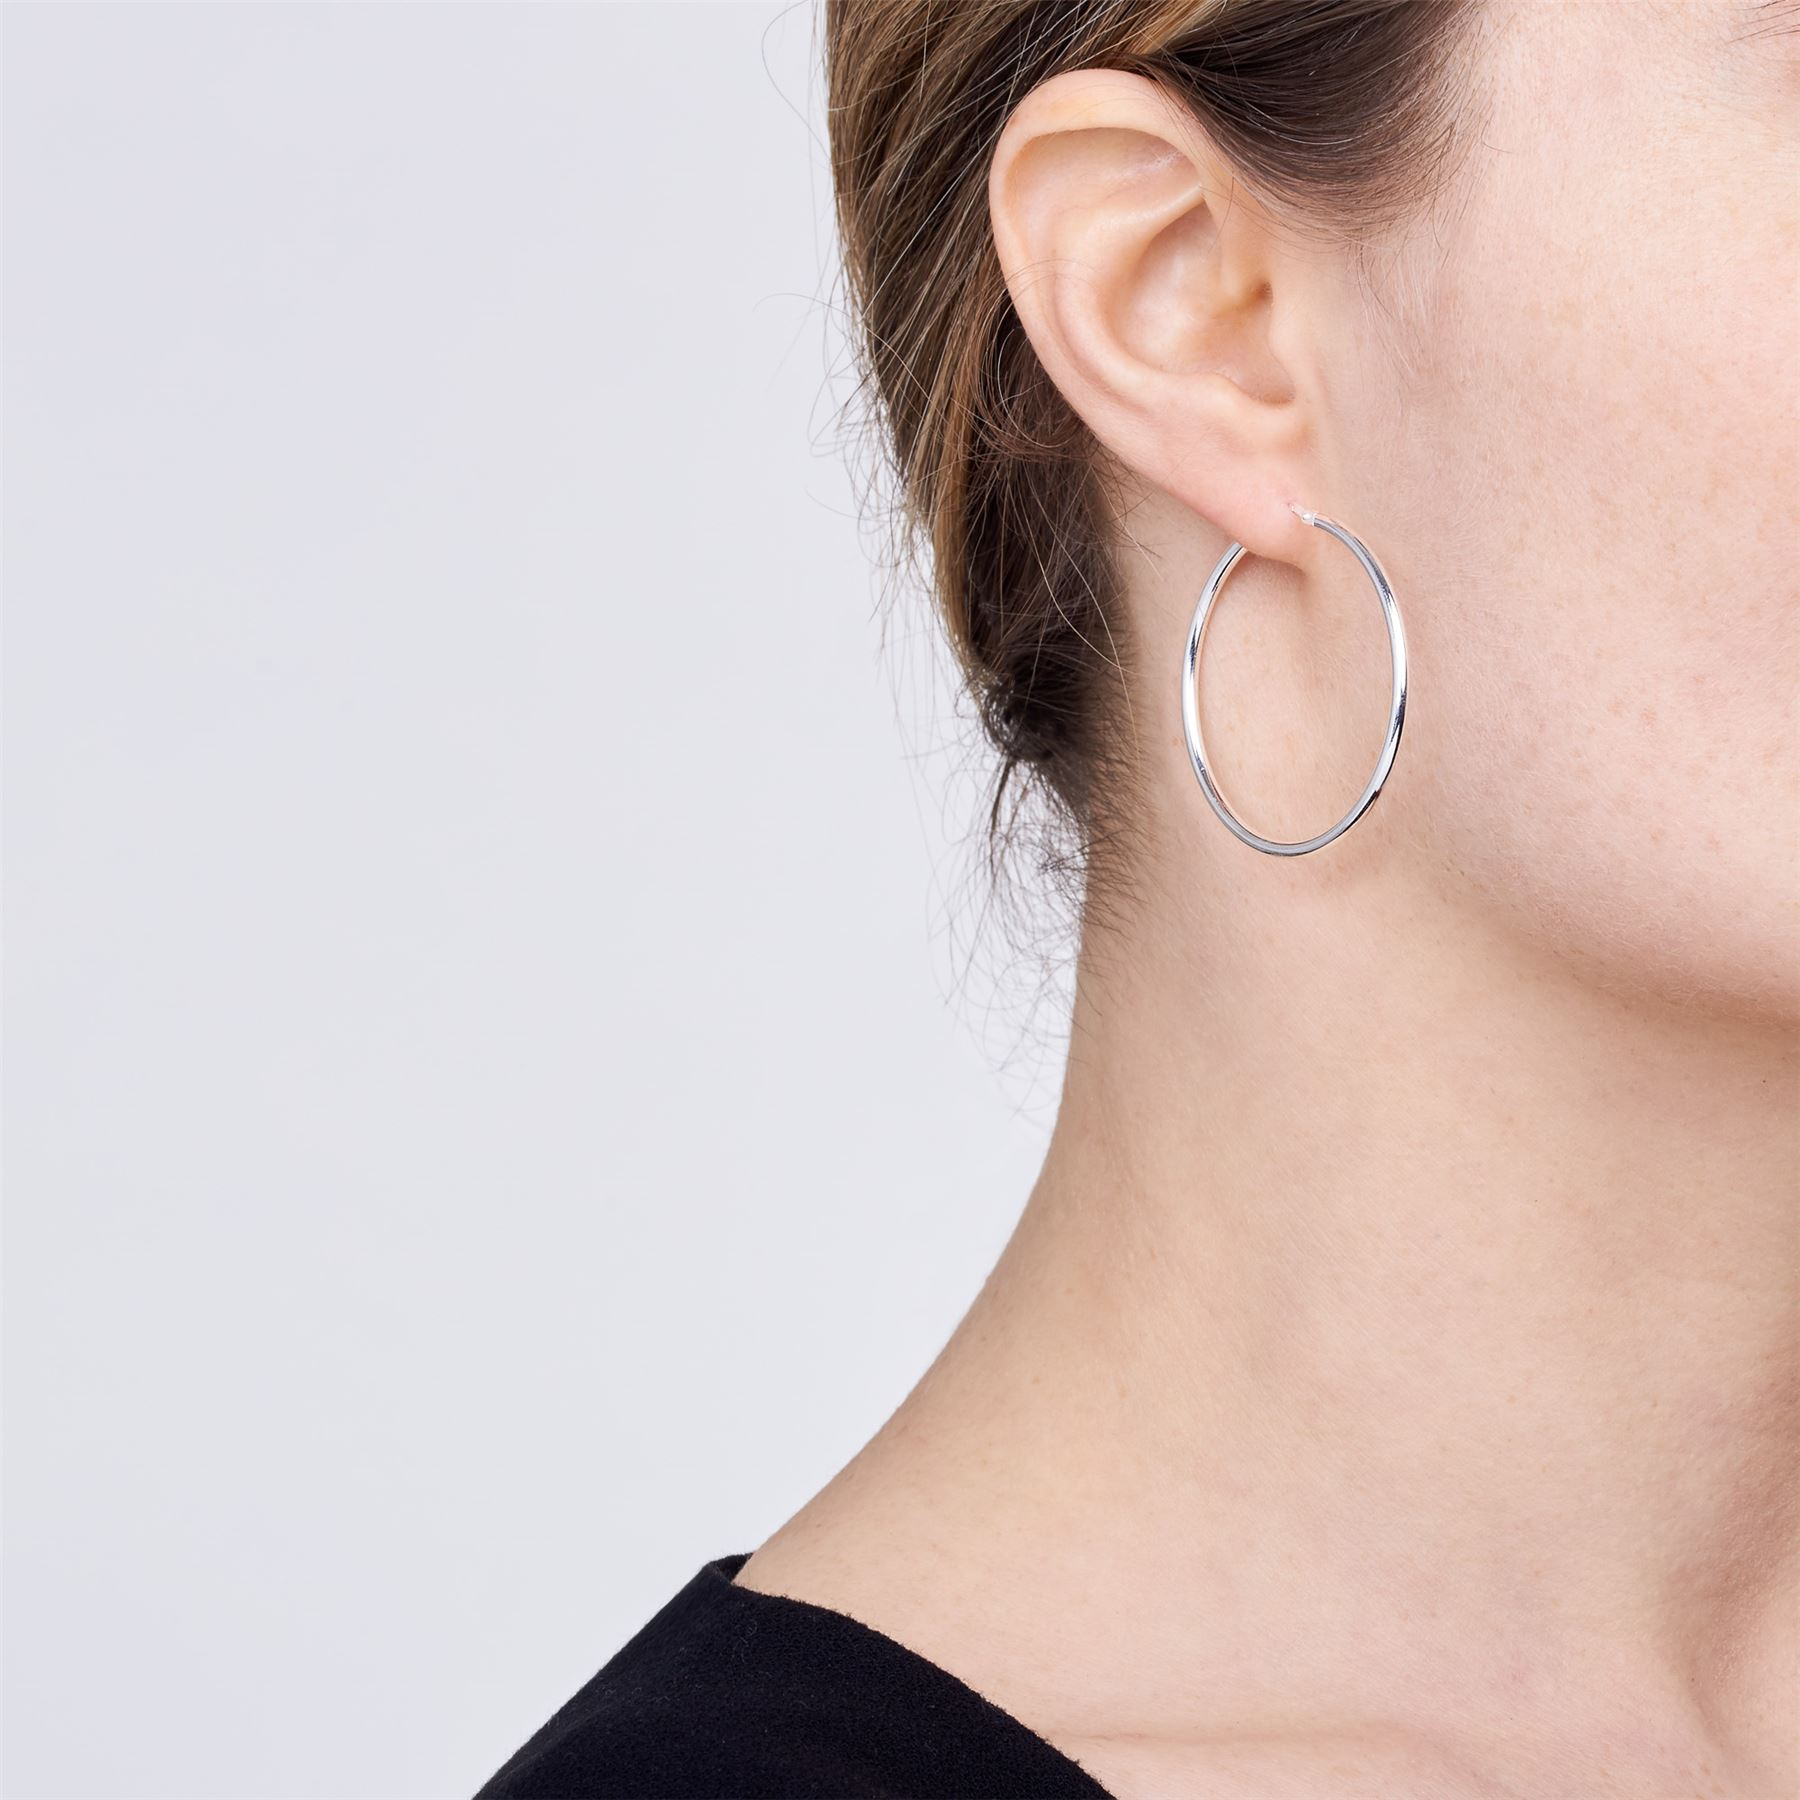 Amberta-Pendientes-para-Mujer-Aros-en-Plata-De-Ley-925-Autentica-Estilo-Clasico miniatura 31